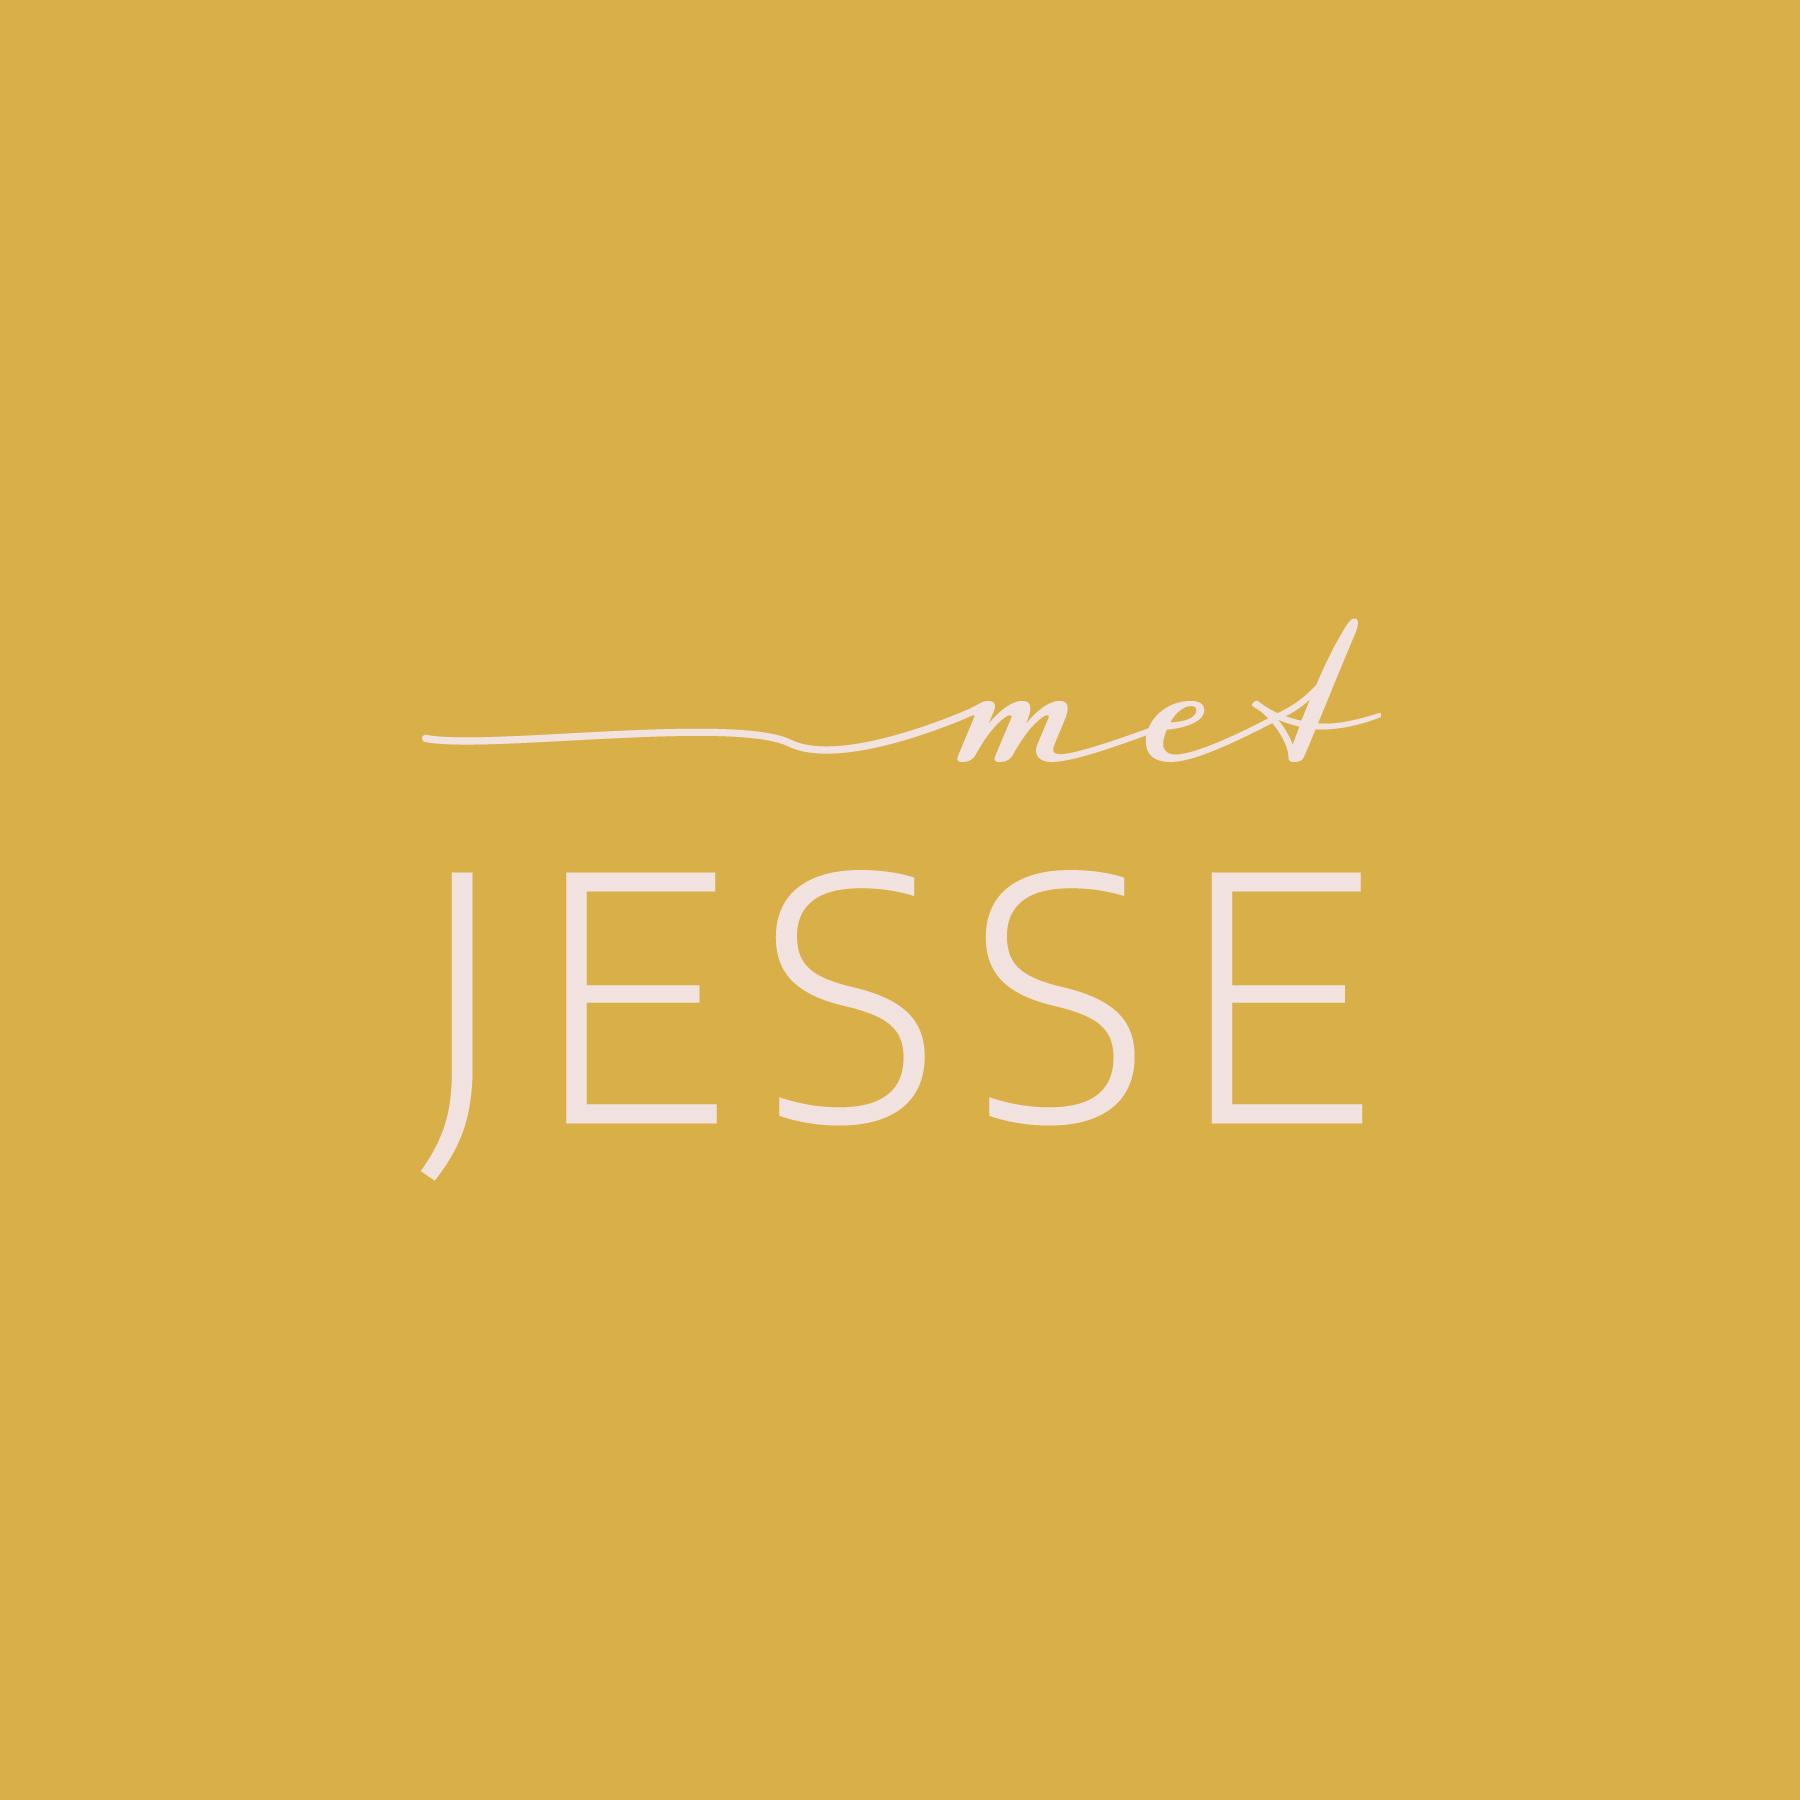 Logo Met jesse melanie velghe illyvanilly 1 RGB 72 ppi.jpg